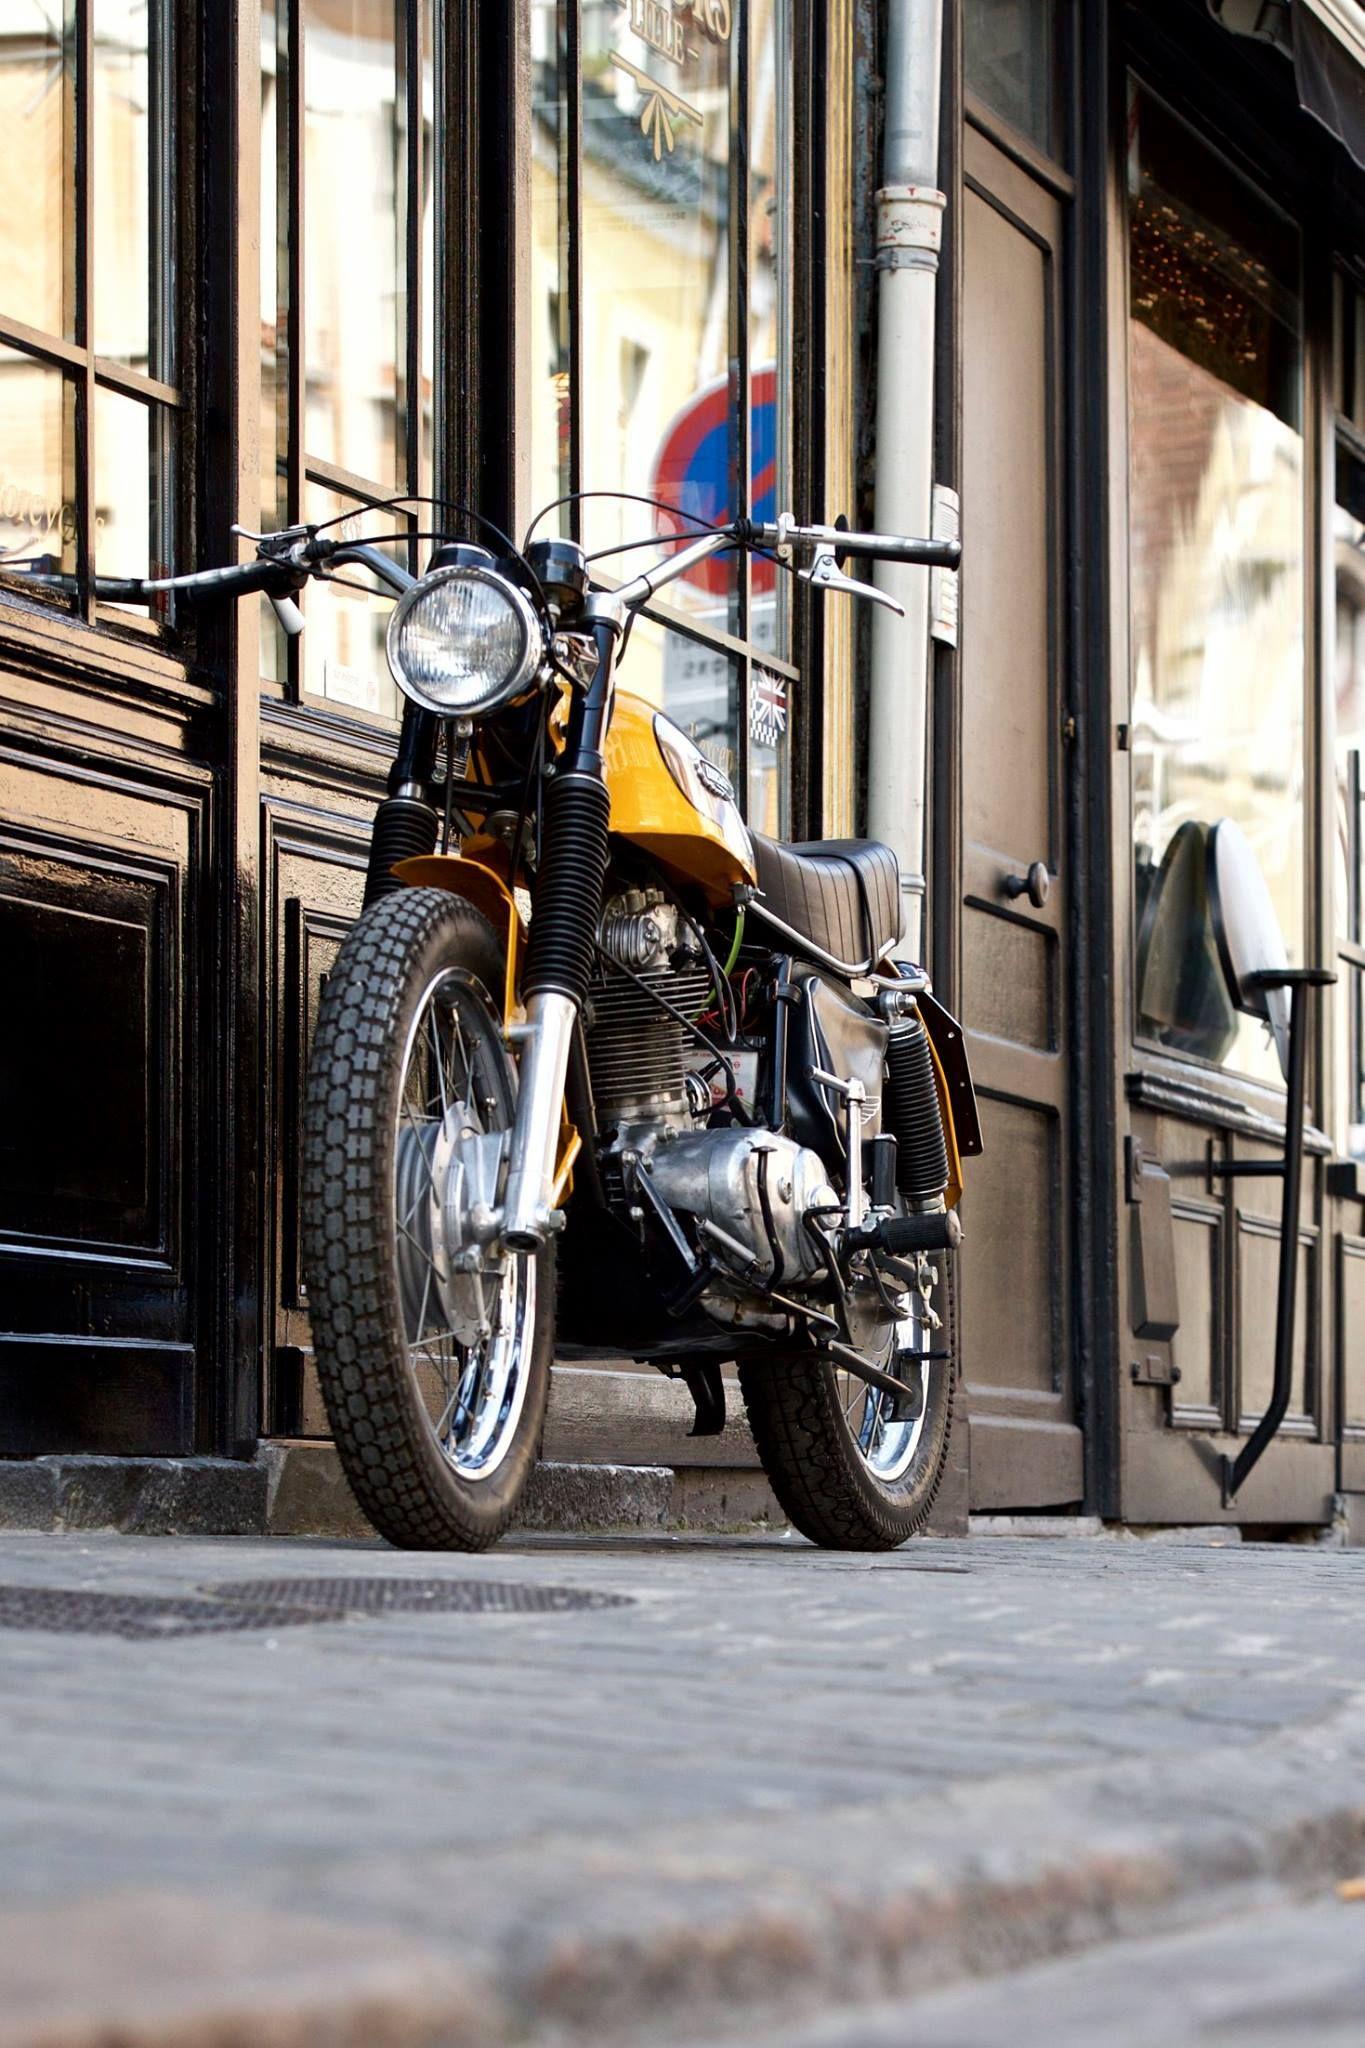 A Beautifully Restored 1972 Ducati Scrambler 350 Ducati